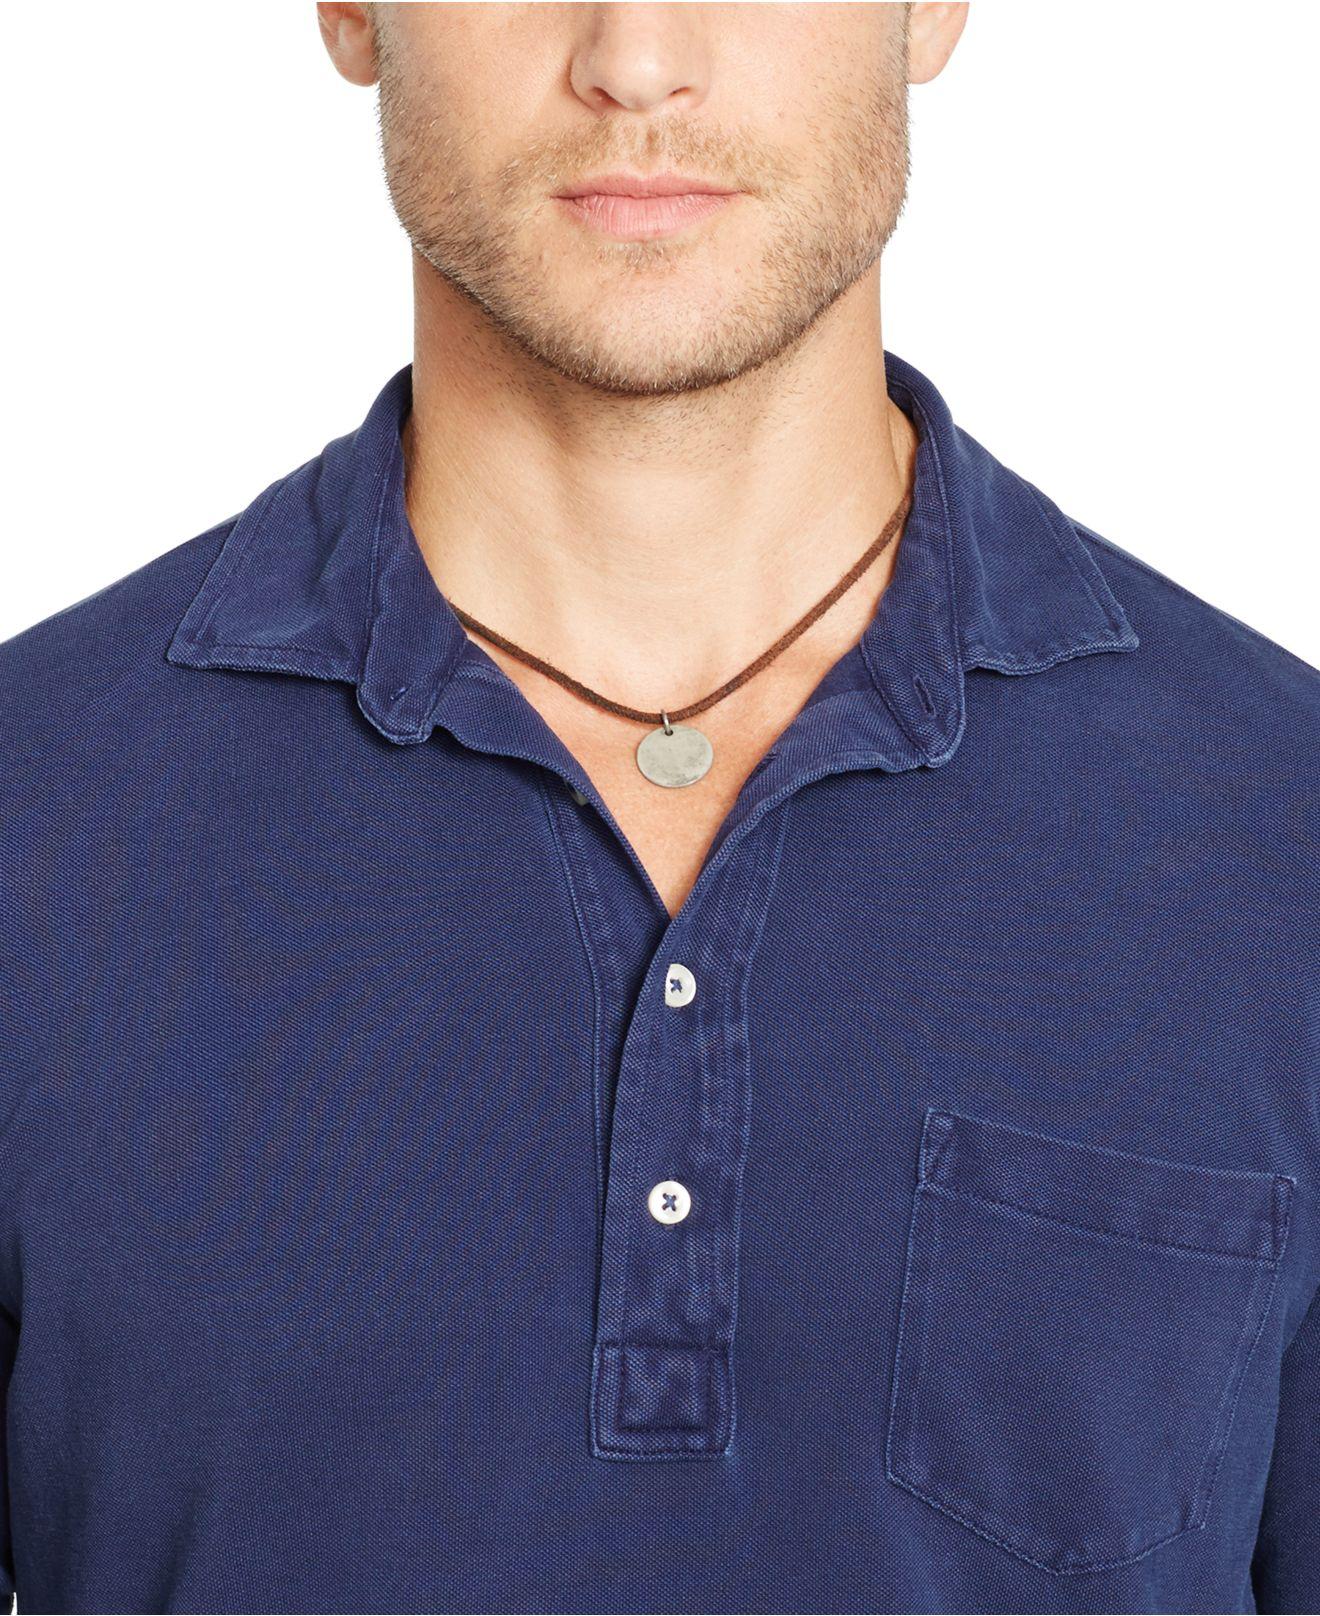 e73b070eea8 Lyst - Polo Ralph Lauren Featherweight-Mesh Estate Shirt in Blue for Men